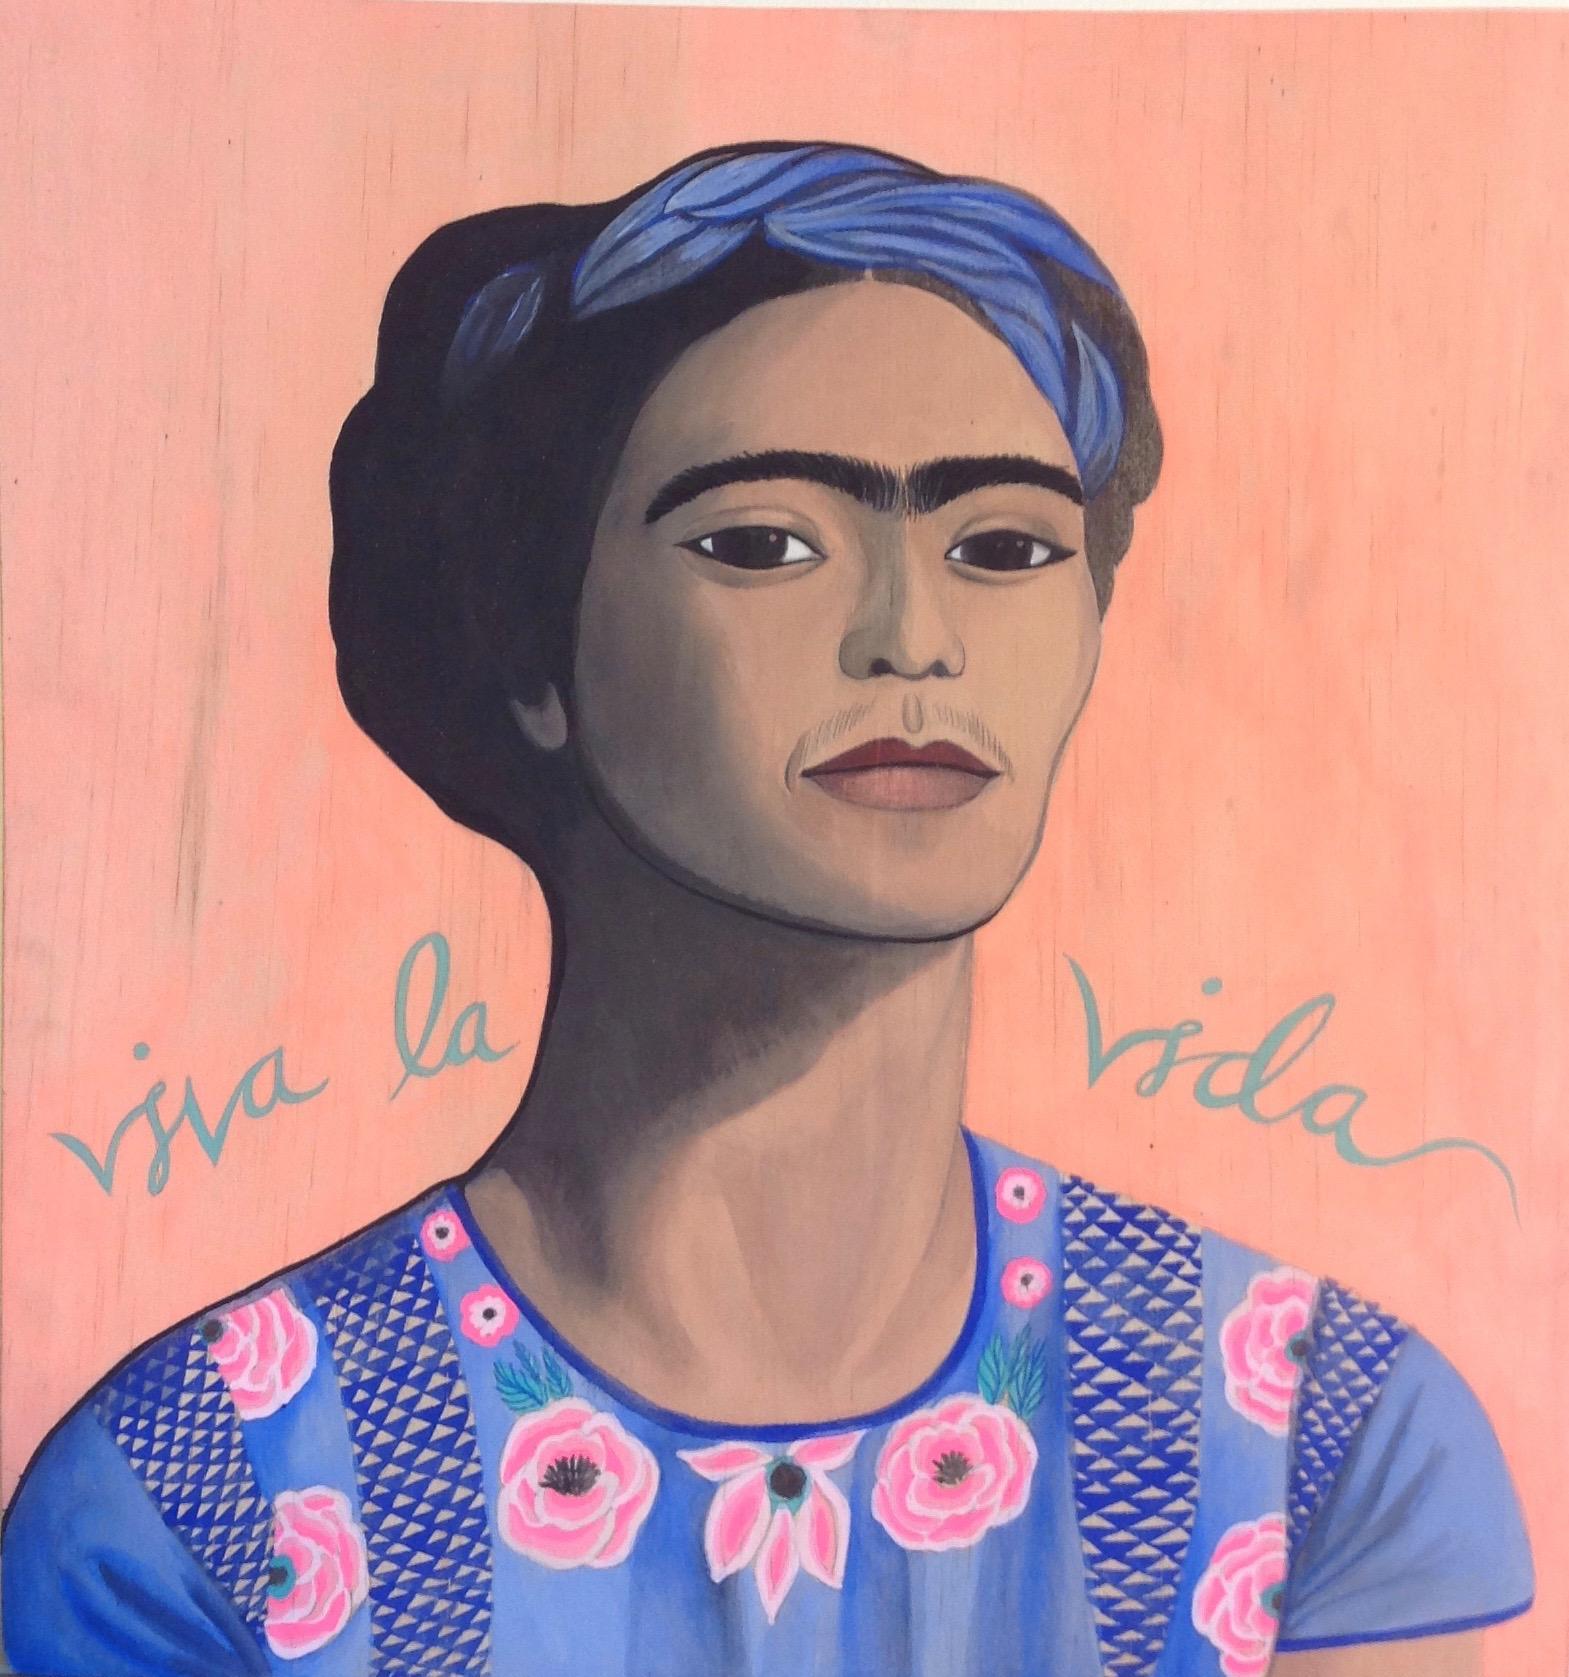 Frida Kahlo viva la vida, 2015